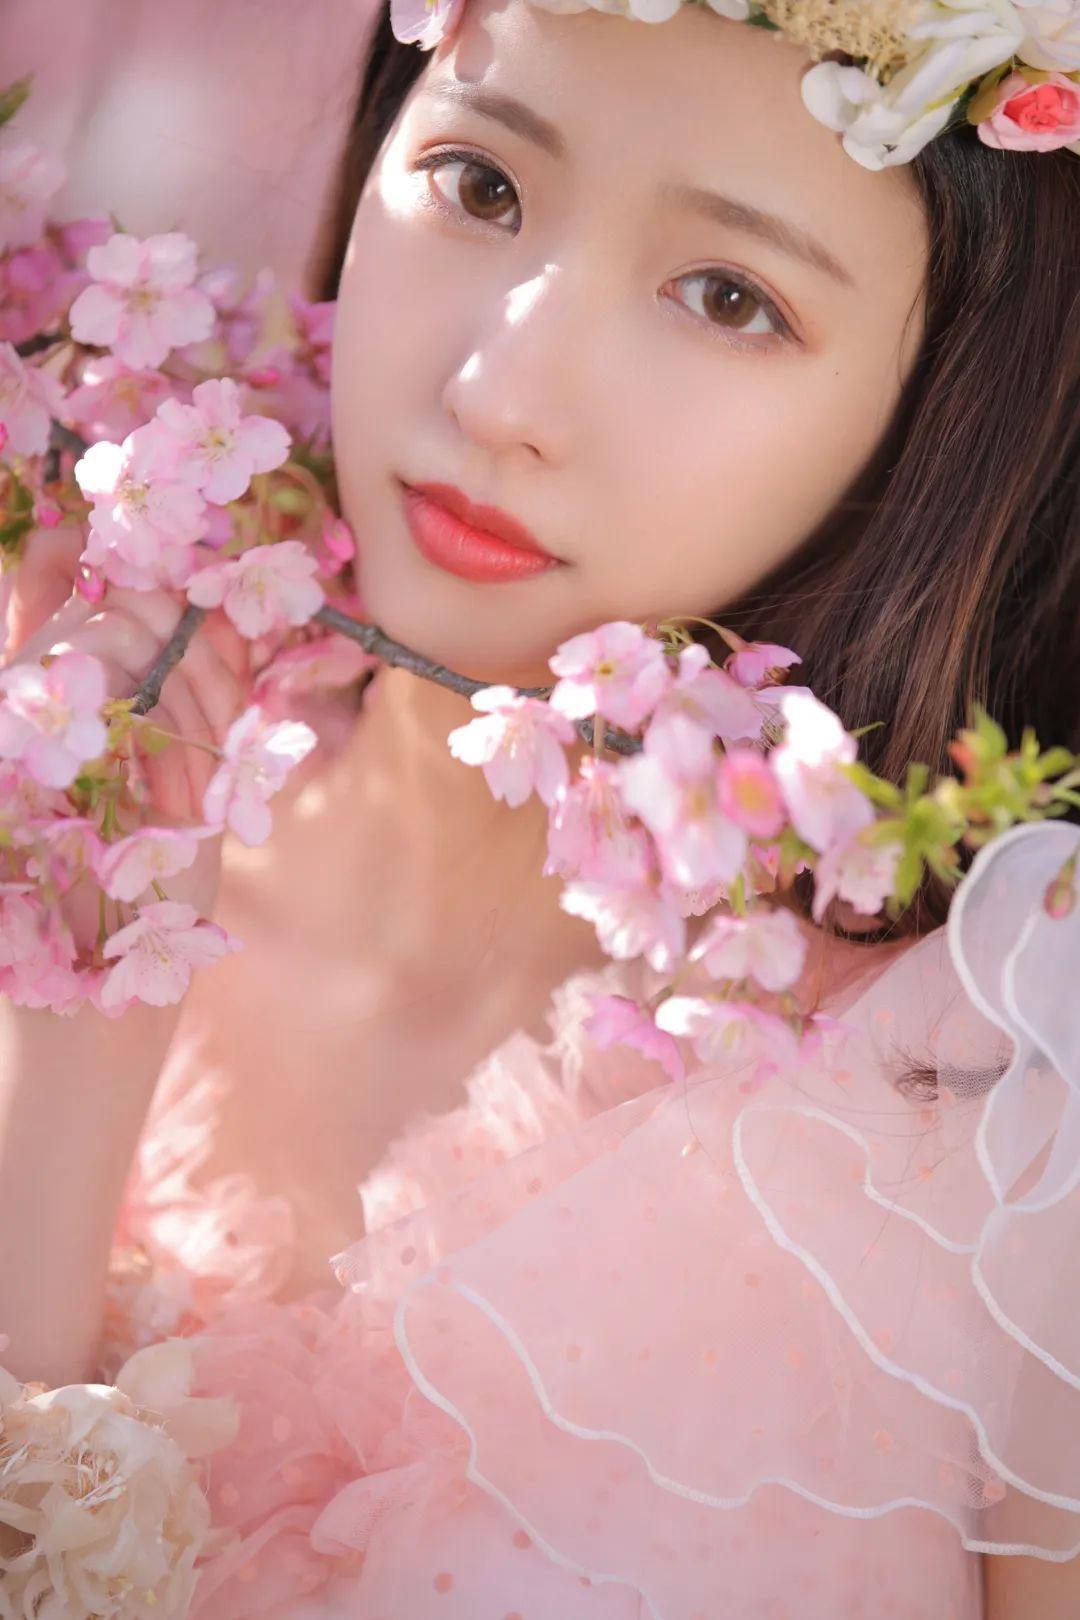 妹子摄影 – 粉粉的日系少女樱花树下写真_图片 No.34